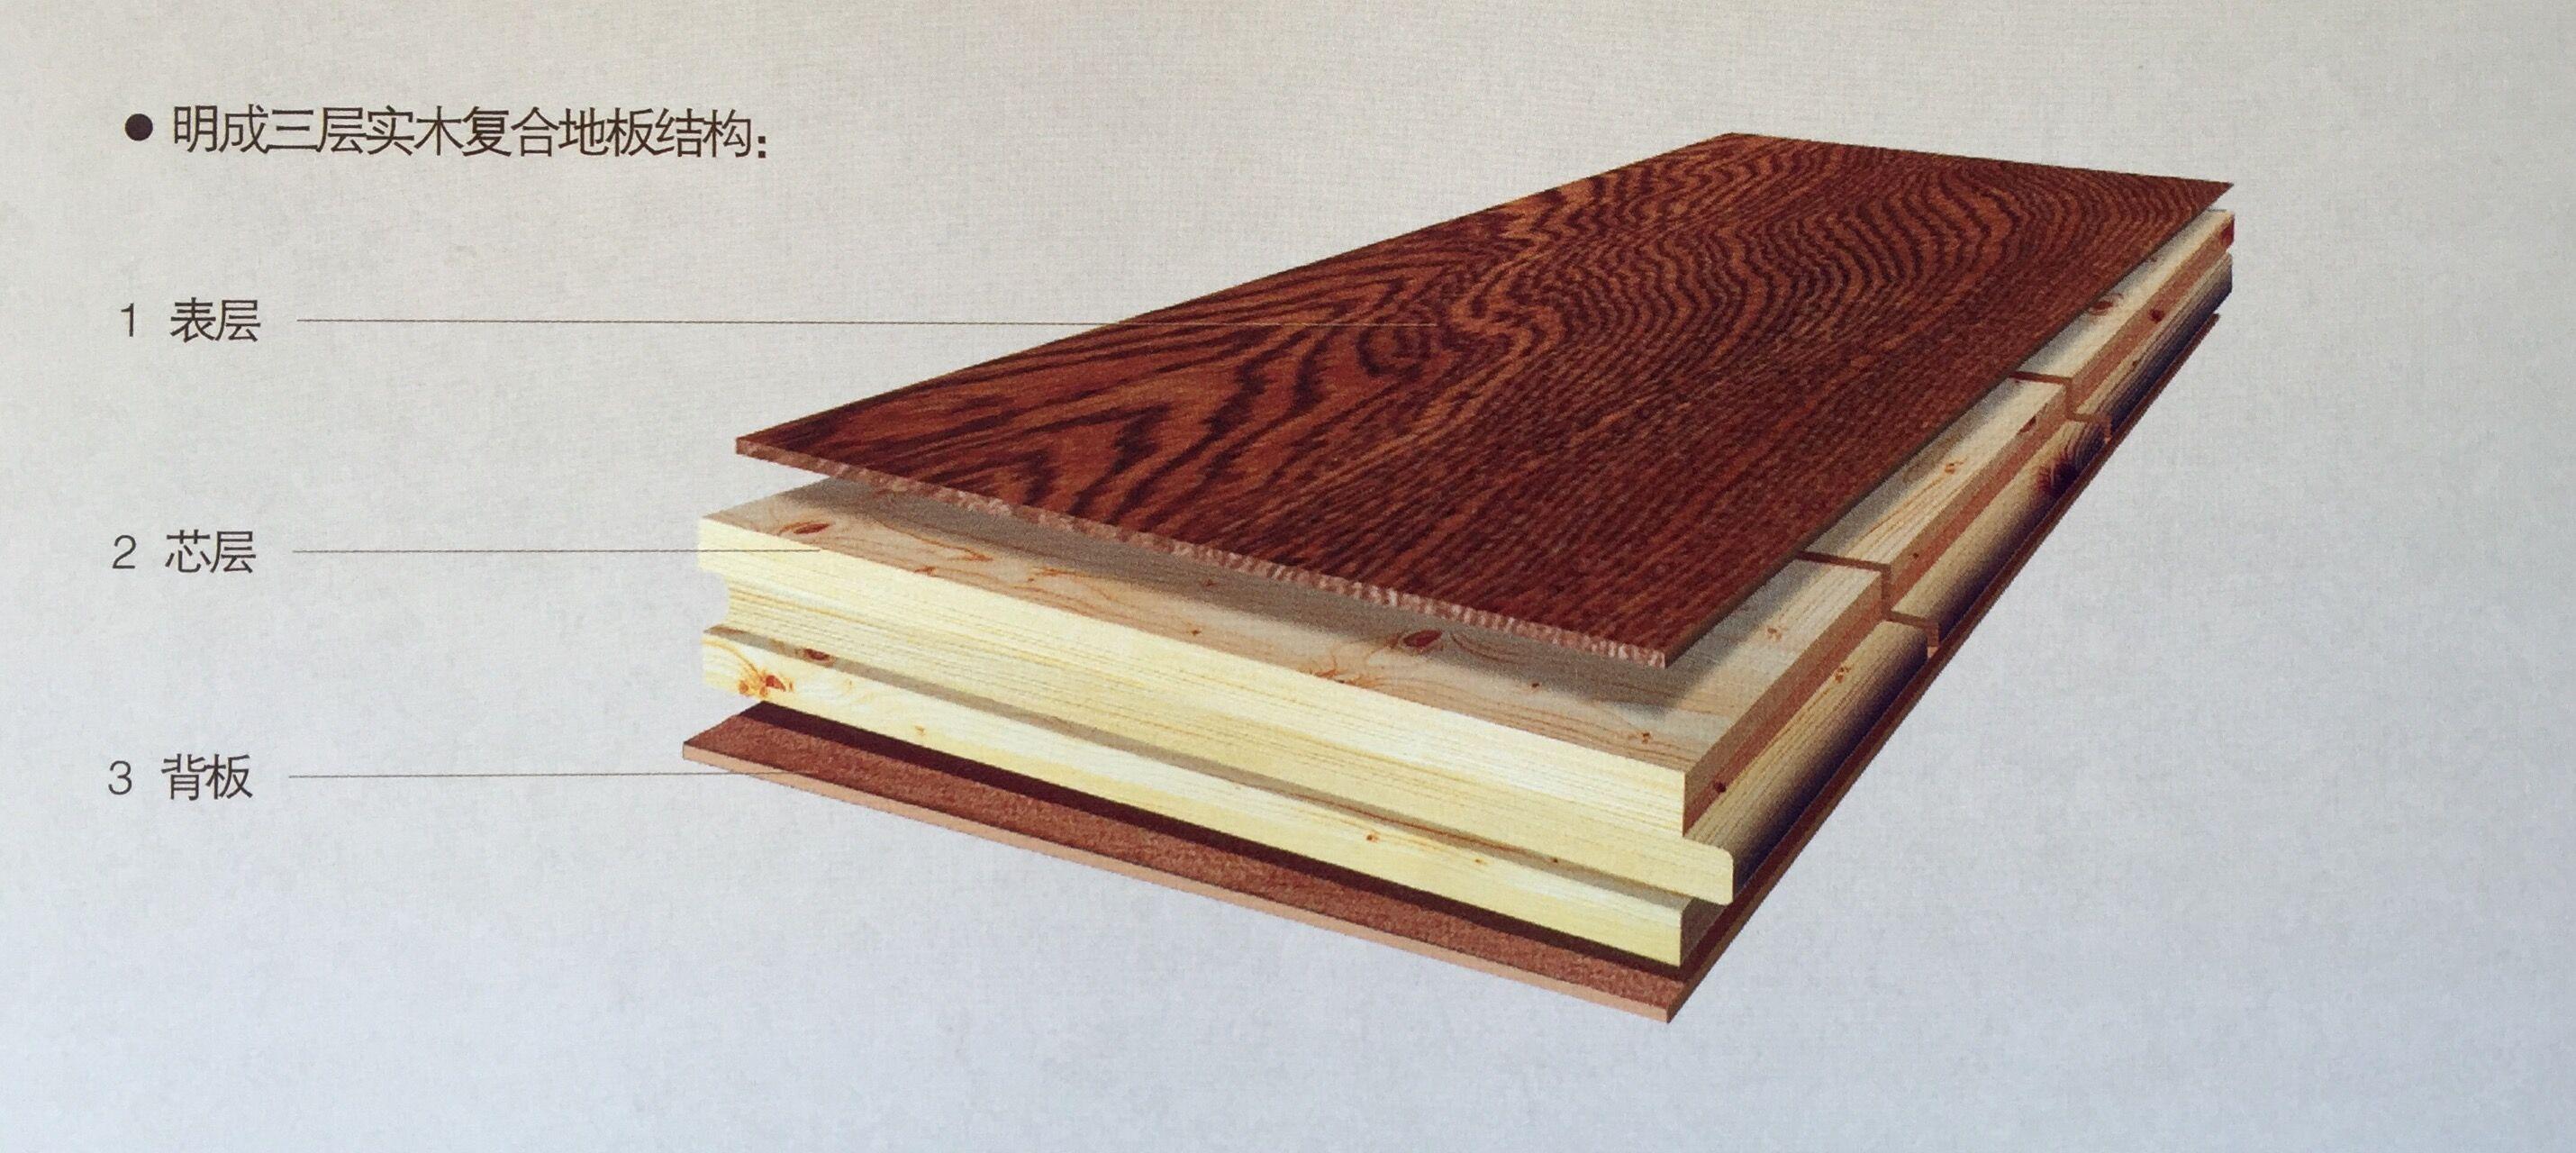 丰富自然的装饰性:面层采用的天然木材品种较多,且表面工艺多样,使地板装饰性能更加丰富。 脚感舒适:有适当的弹性,摩擦系数适中,脚感舒适。 铺装简便:三层实木地板通常尺寸较大,且可以直接悬浮安装,从而使安装更加快捷,降低安装成本和安装时间。 营造舒适的家居环境:有良好的保温、吸音性能等。 稳定性好:采用纵横交错结构,稳定性好,适用于地暖环境。 大幅度提高木材的综合利用率:三层实木地板芯板和底板多采用速生材,通常70%以上是速生材,有利于国家林业的可持续发展。 可翻新使用:面层厚度通常为3-4mm,地板用旧后